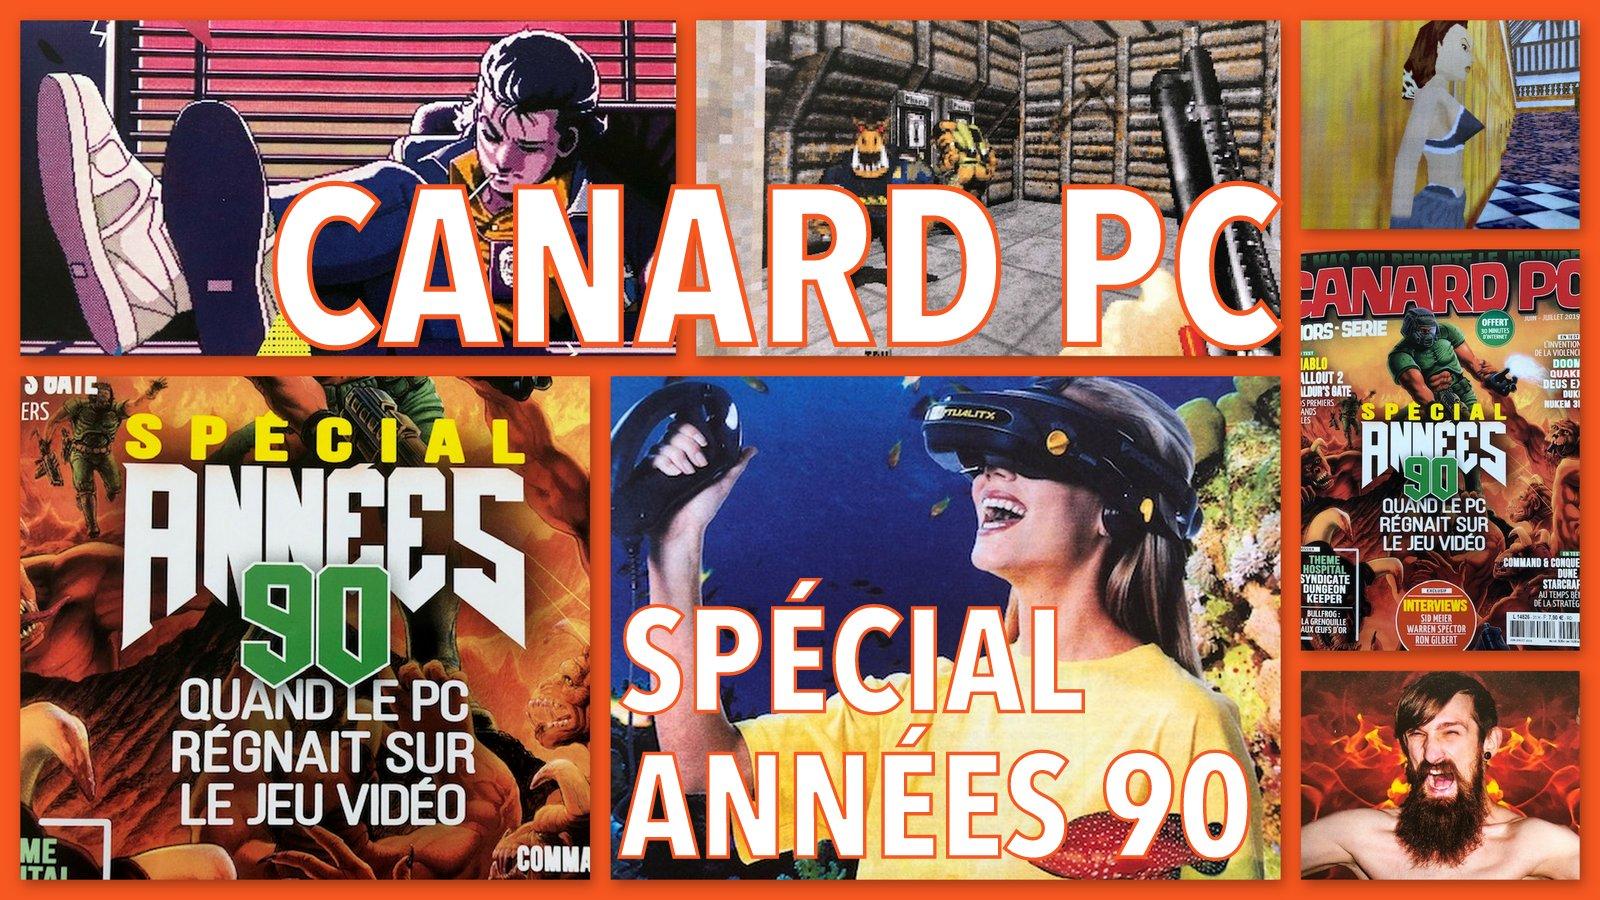 Canard PC Spécial Années 90